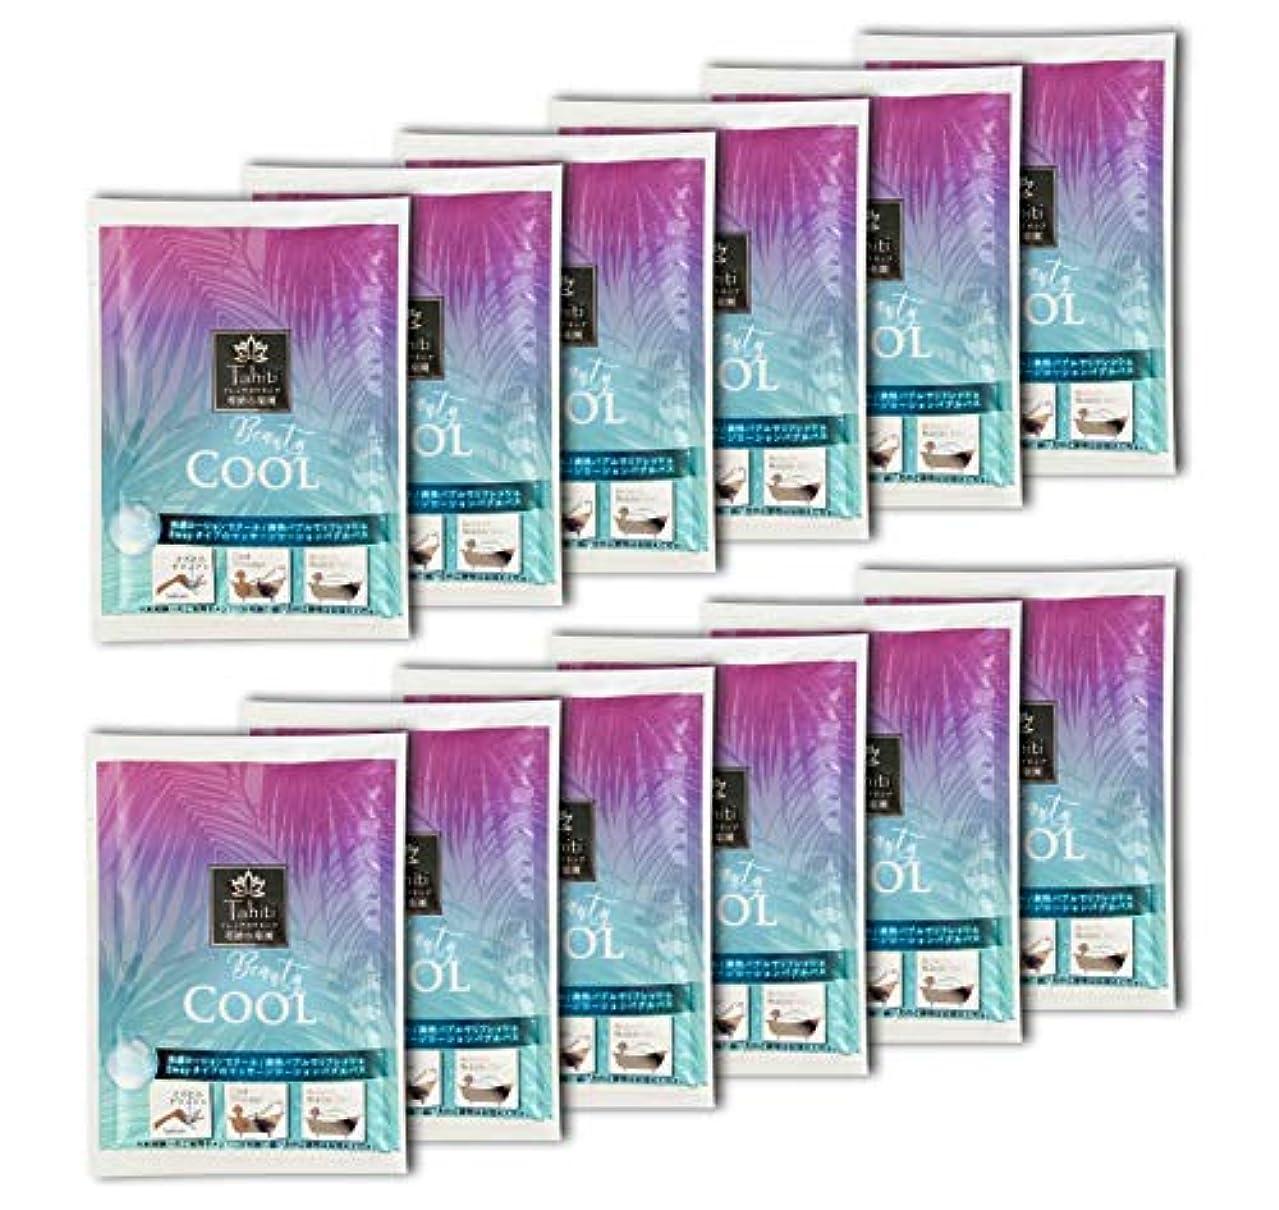 取得する制裁ステープルタヒチアンクール (12包, バブルバス)